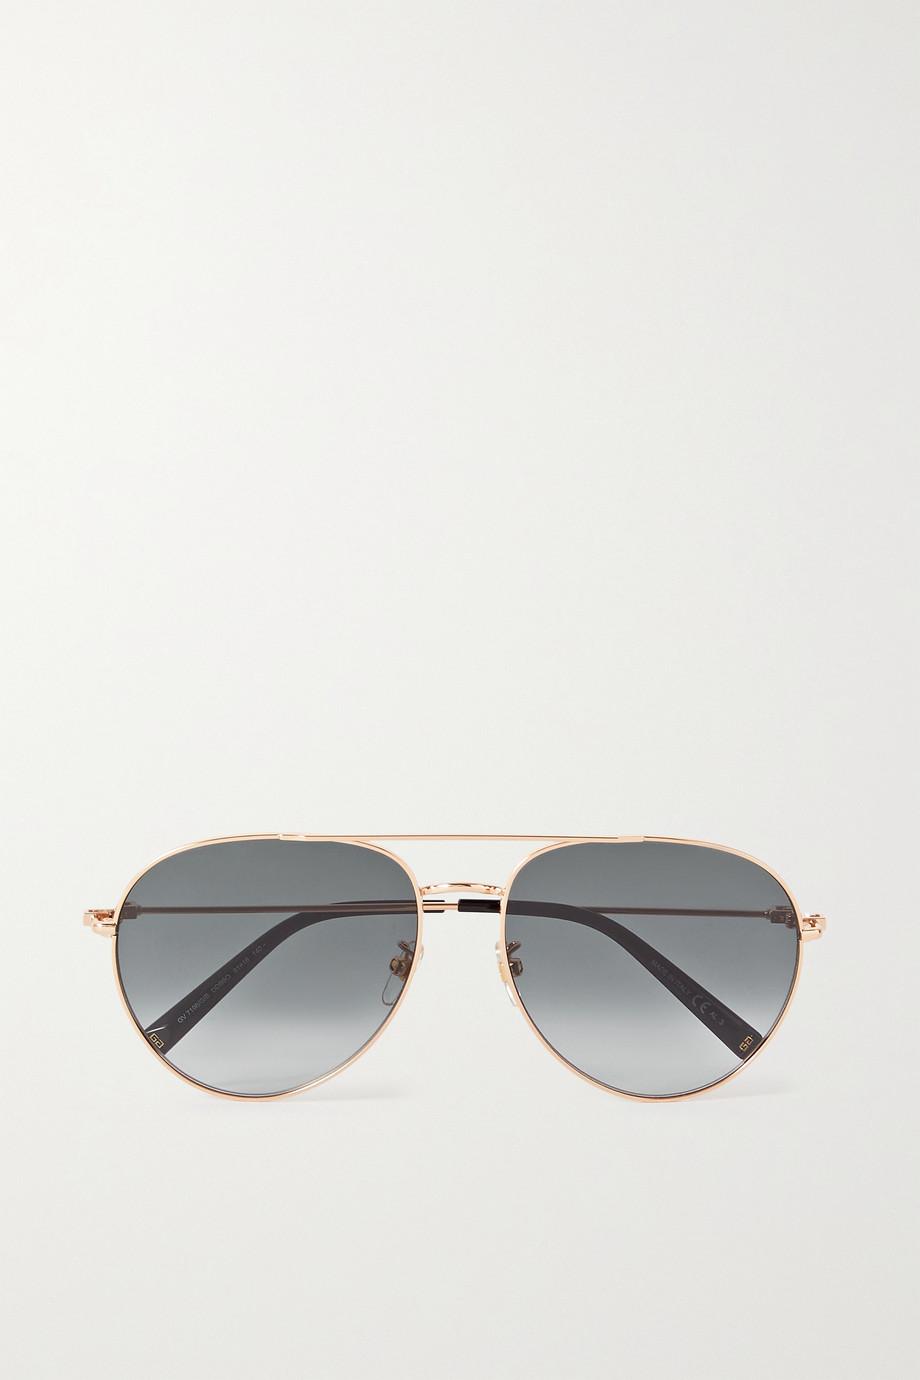 Givenchy Lunettes de soleil aviateur dorées